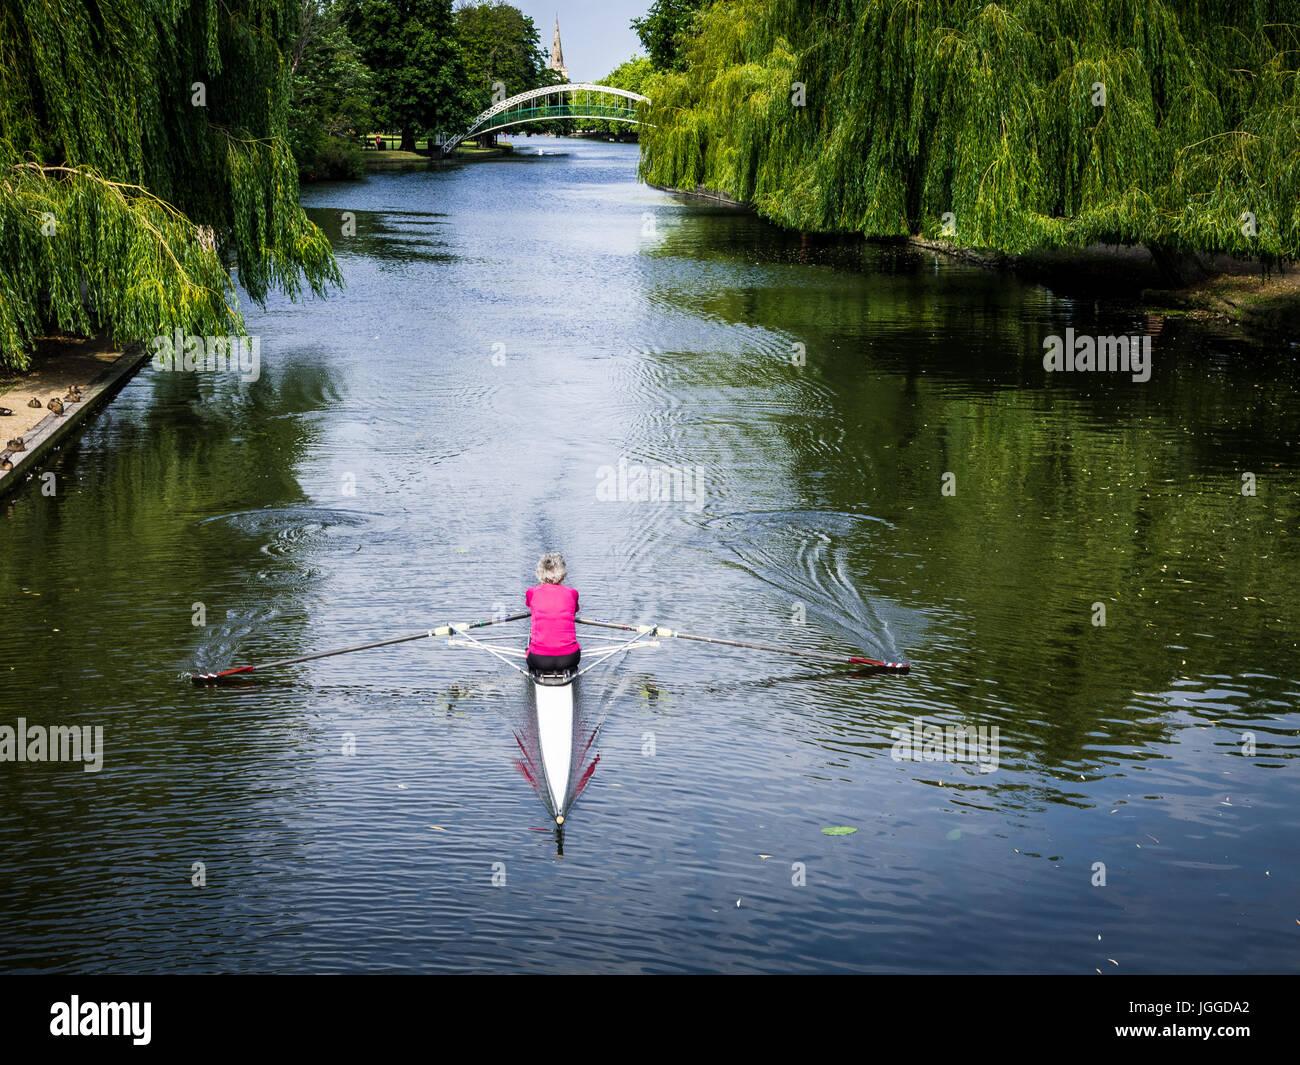 Coppia Rower - una femmina matura vogatore skiff sul grande fiume Ouse in Bedford Regno Unito Immagini Stock